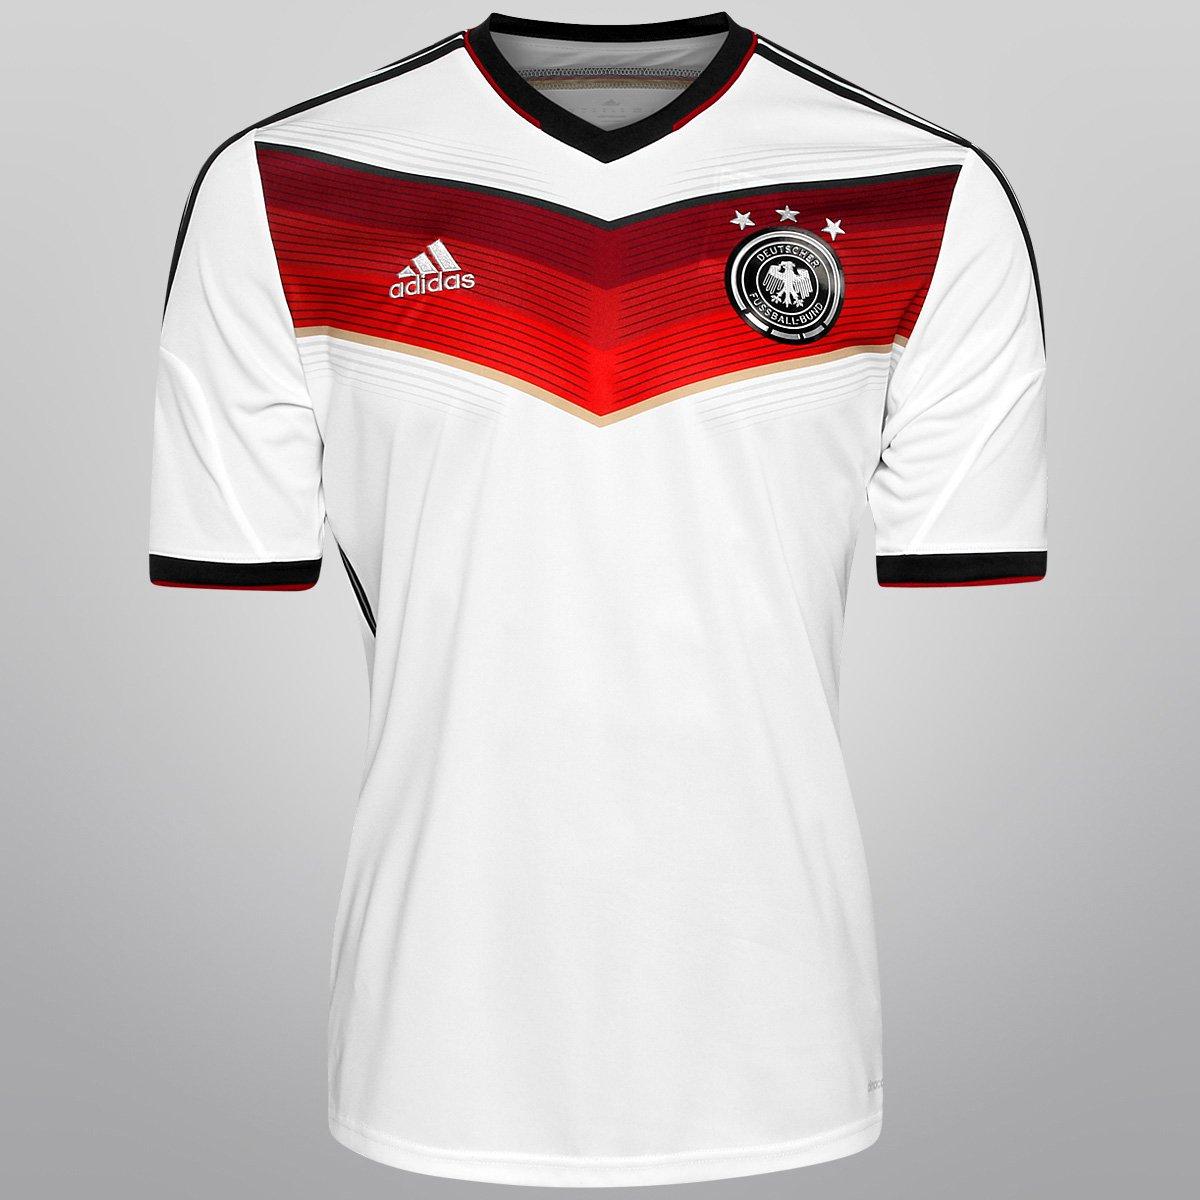 Camisa Adidas Seleção Alemanha Home 2014 s nº - Torcedor - Compre Agora  0e00bbeb86e7b